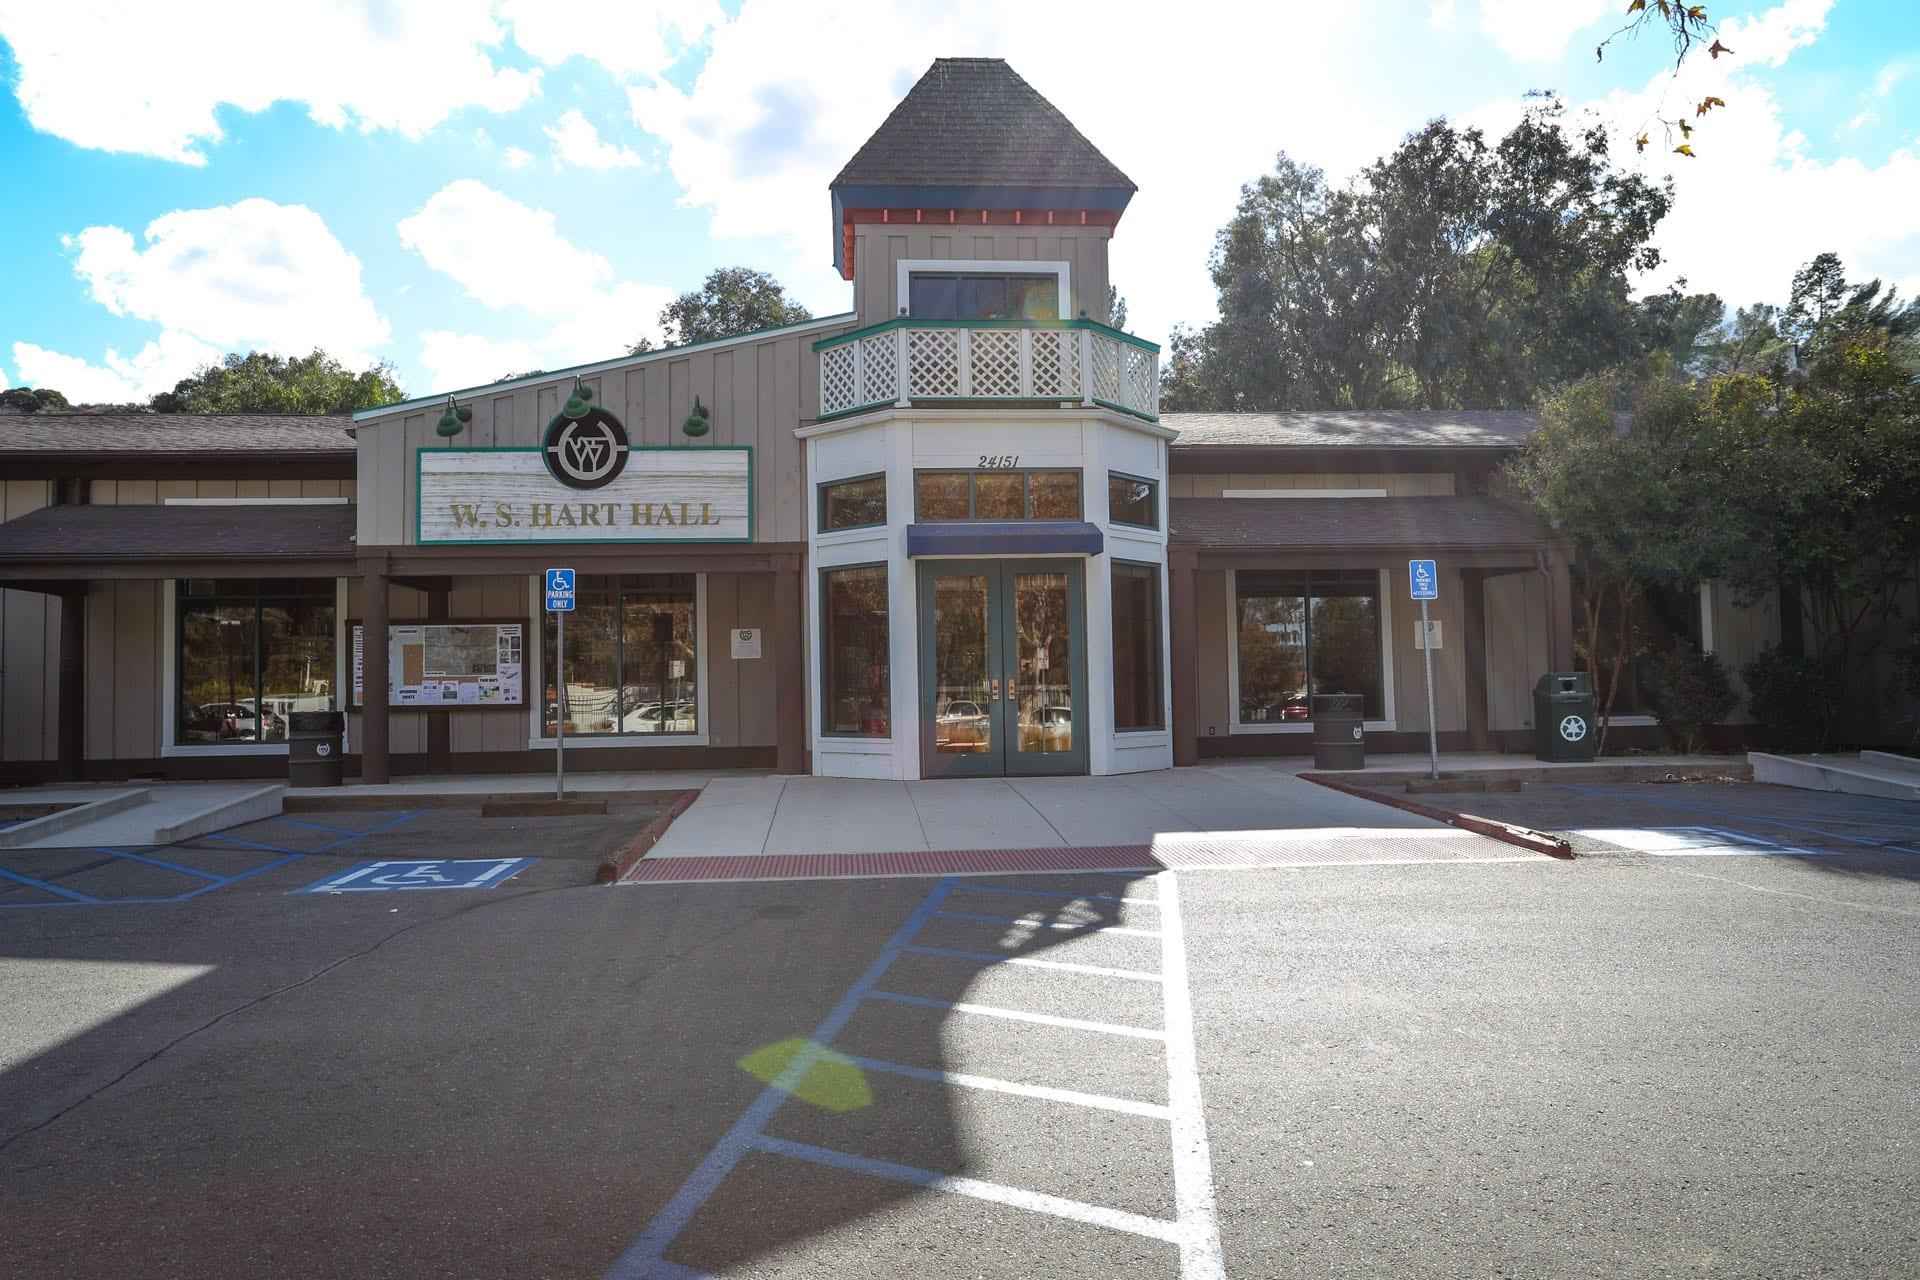 William S. Hart Regional Park store